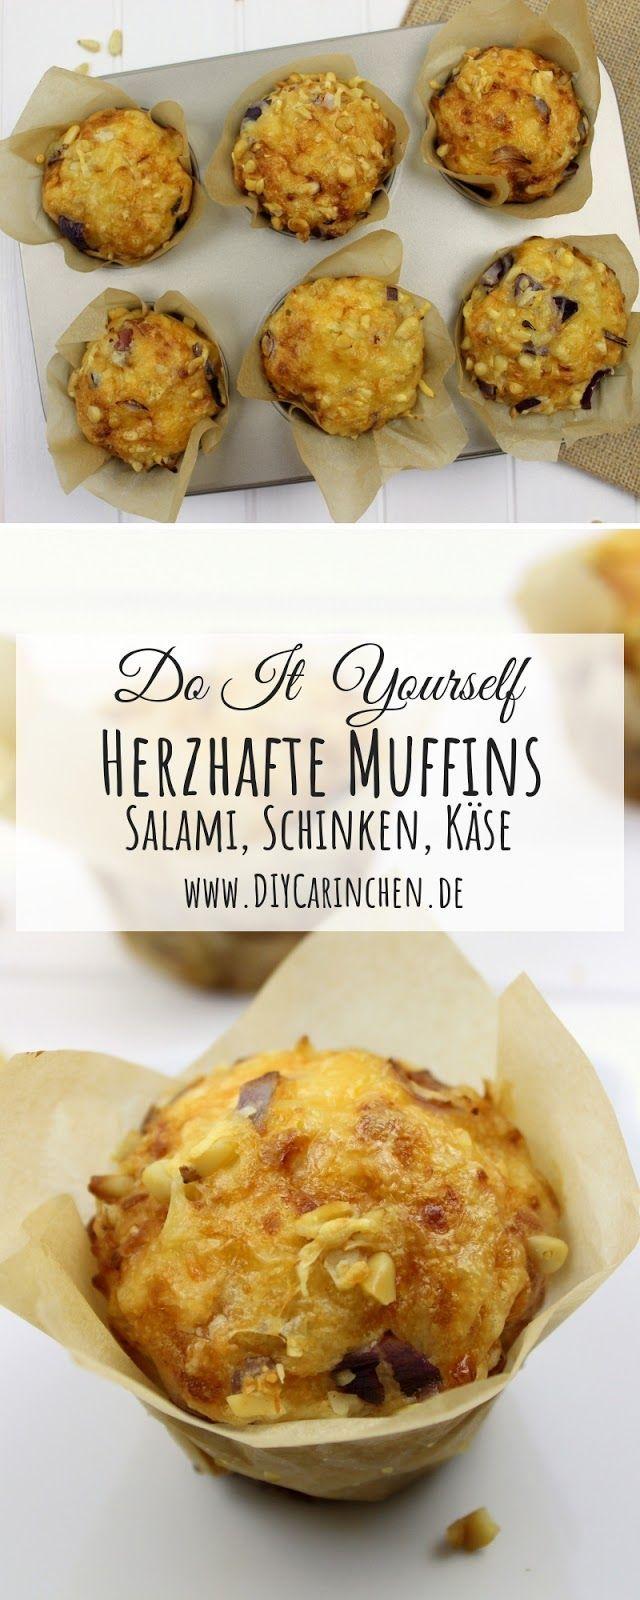 Rezept: Schnelle, einfache, herzhafte Salami-Schinken Käse Muffins